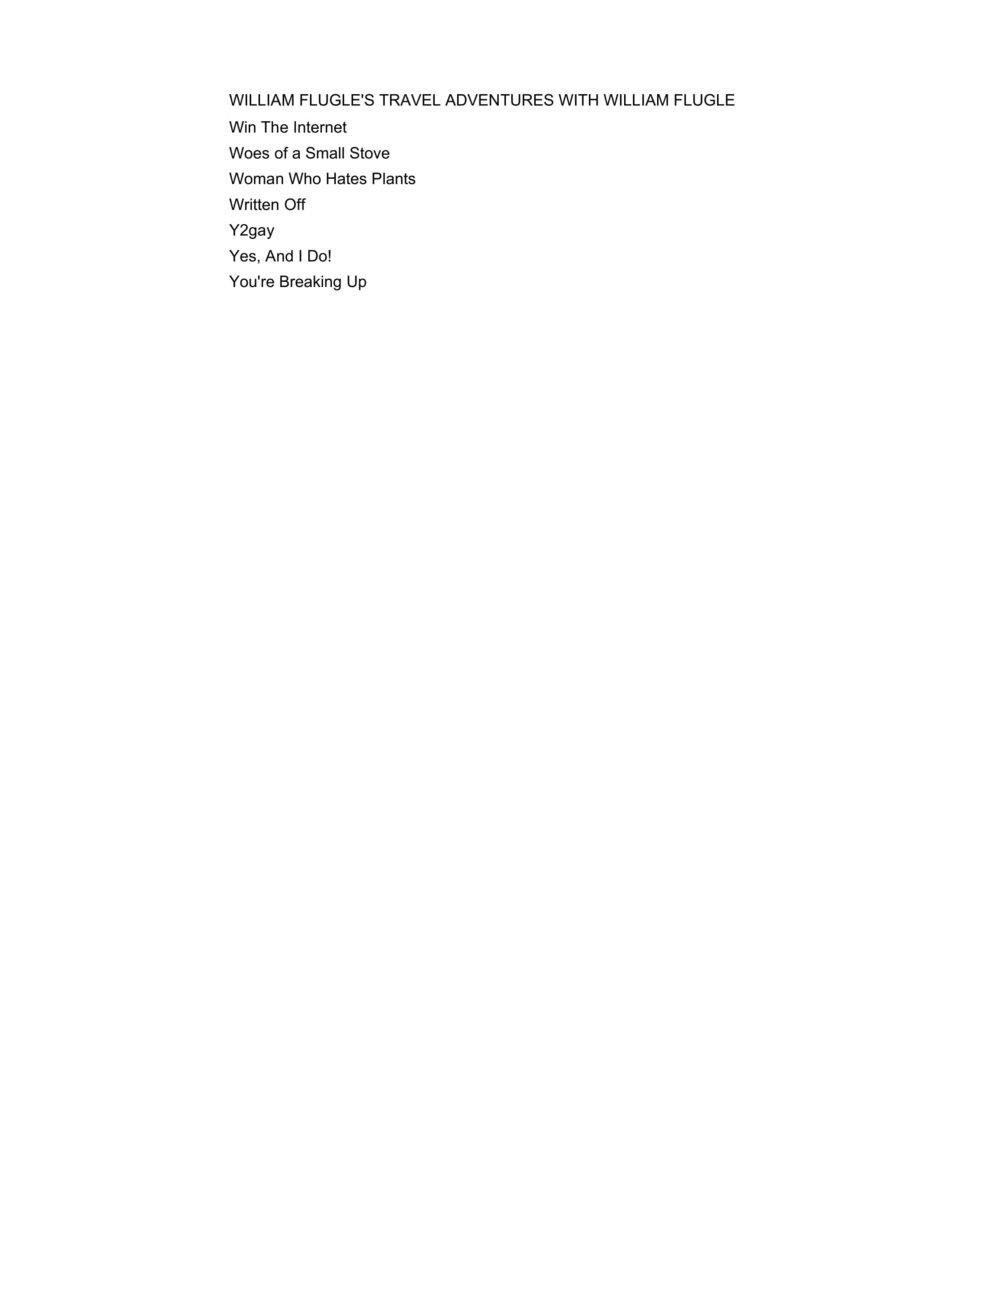 Full Shorts Alumi List - Sheet1-7.jpg